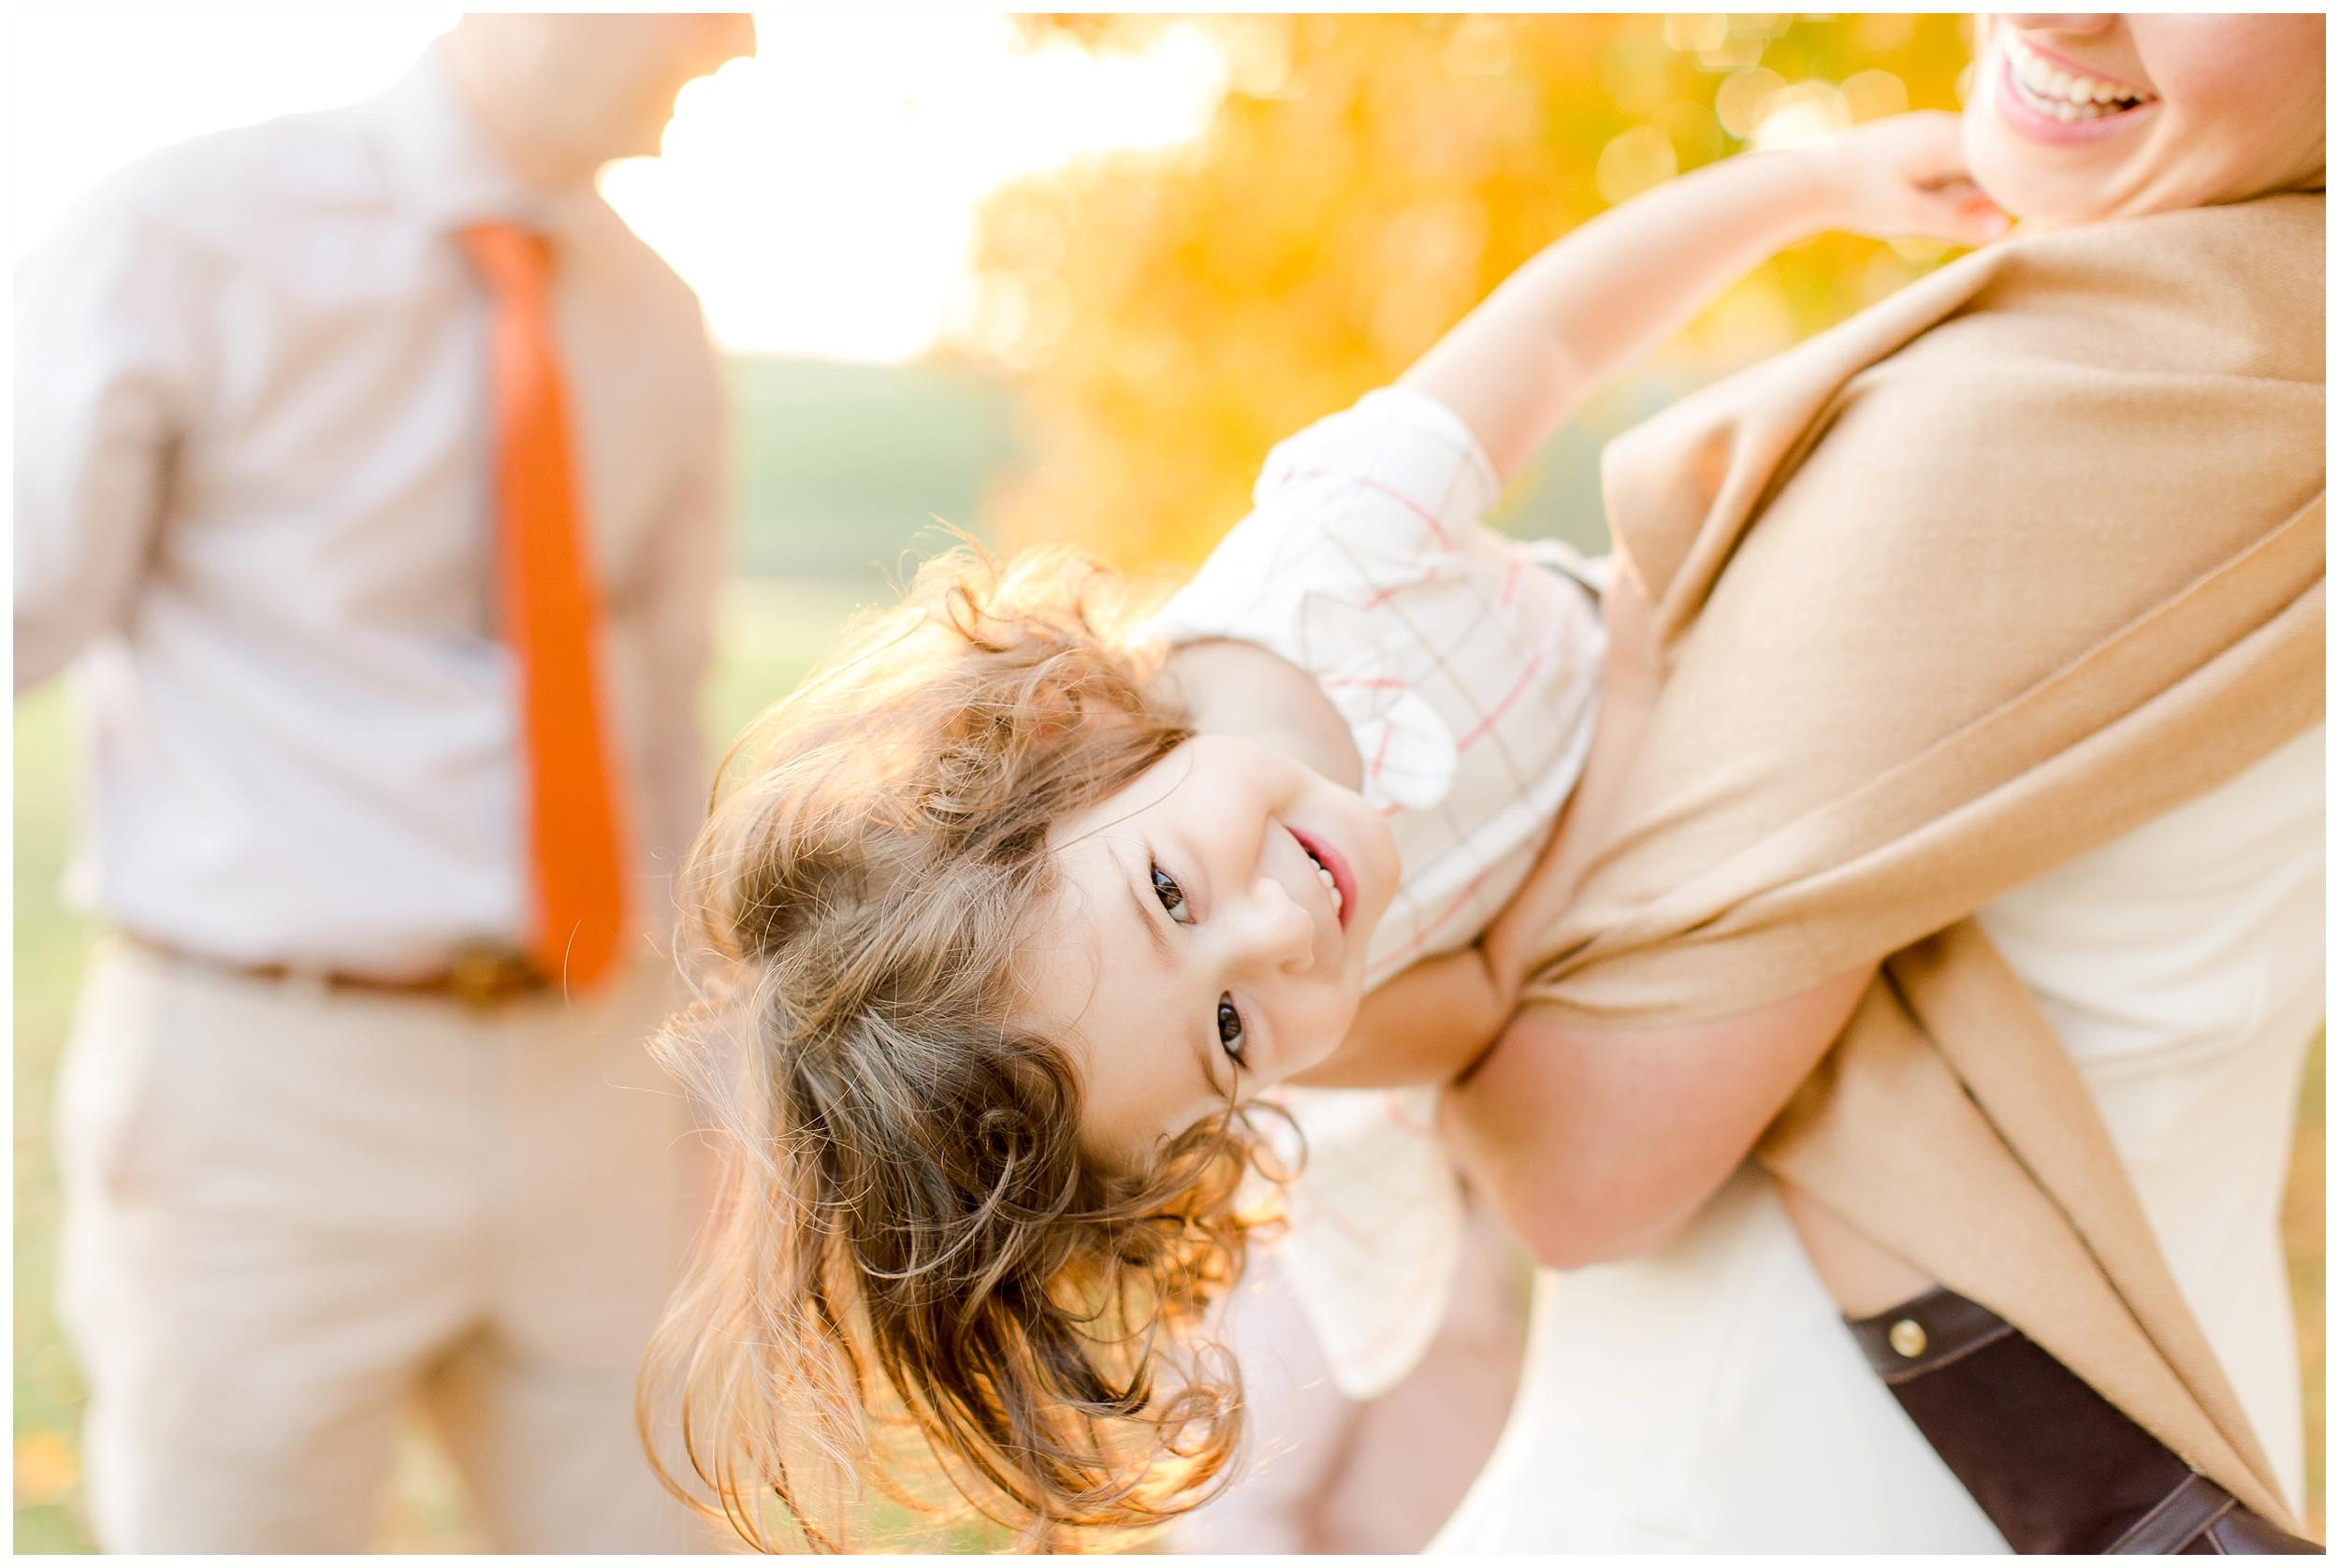 lexington-ky-family-lifestyle-photos-by-priscilla-baierlein_0416.jpg